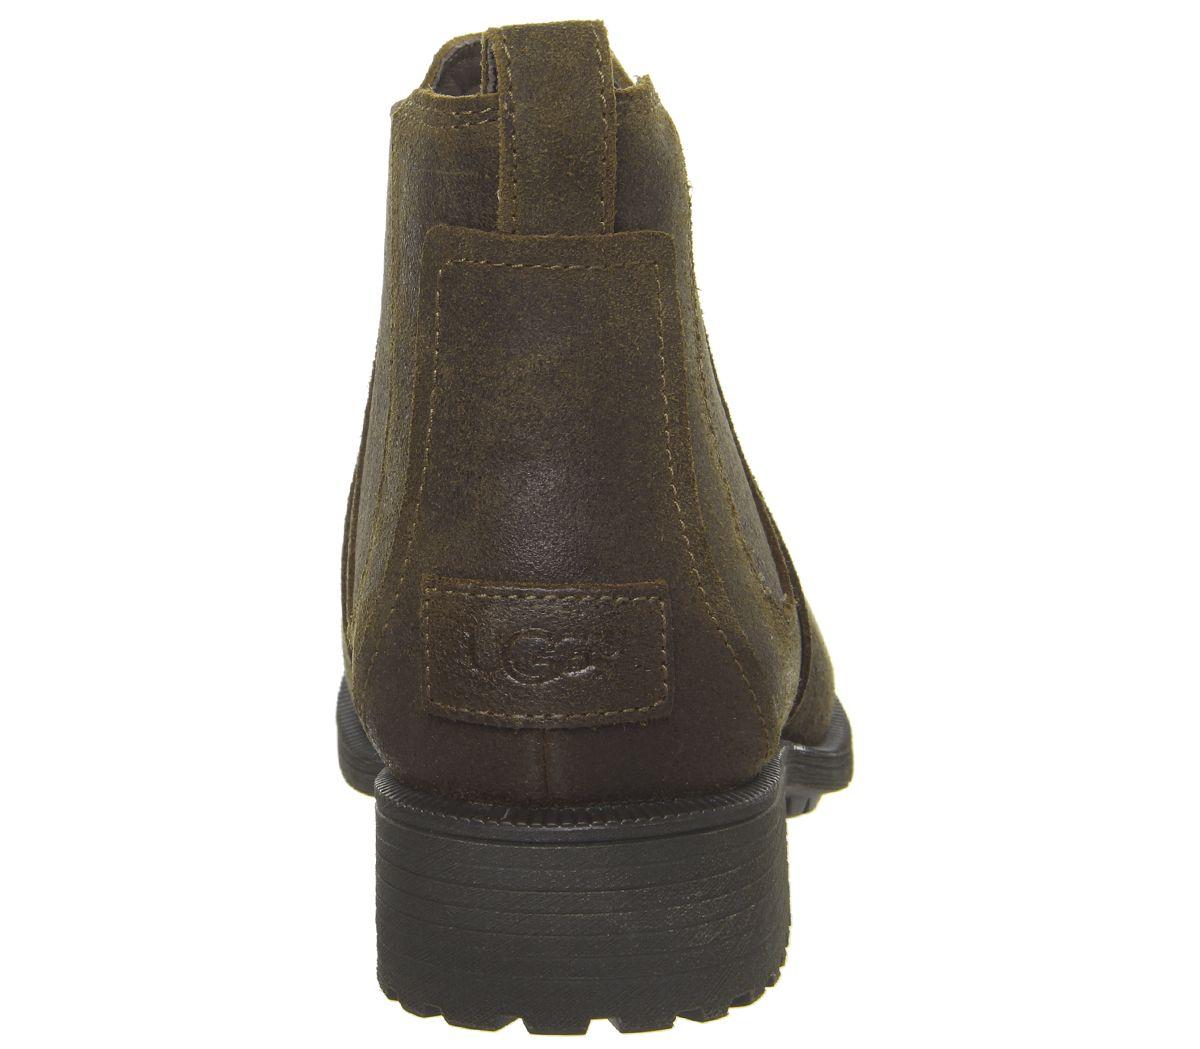 b305b07ffe9 Bonham Chelsea Boots II